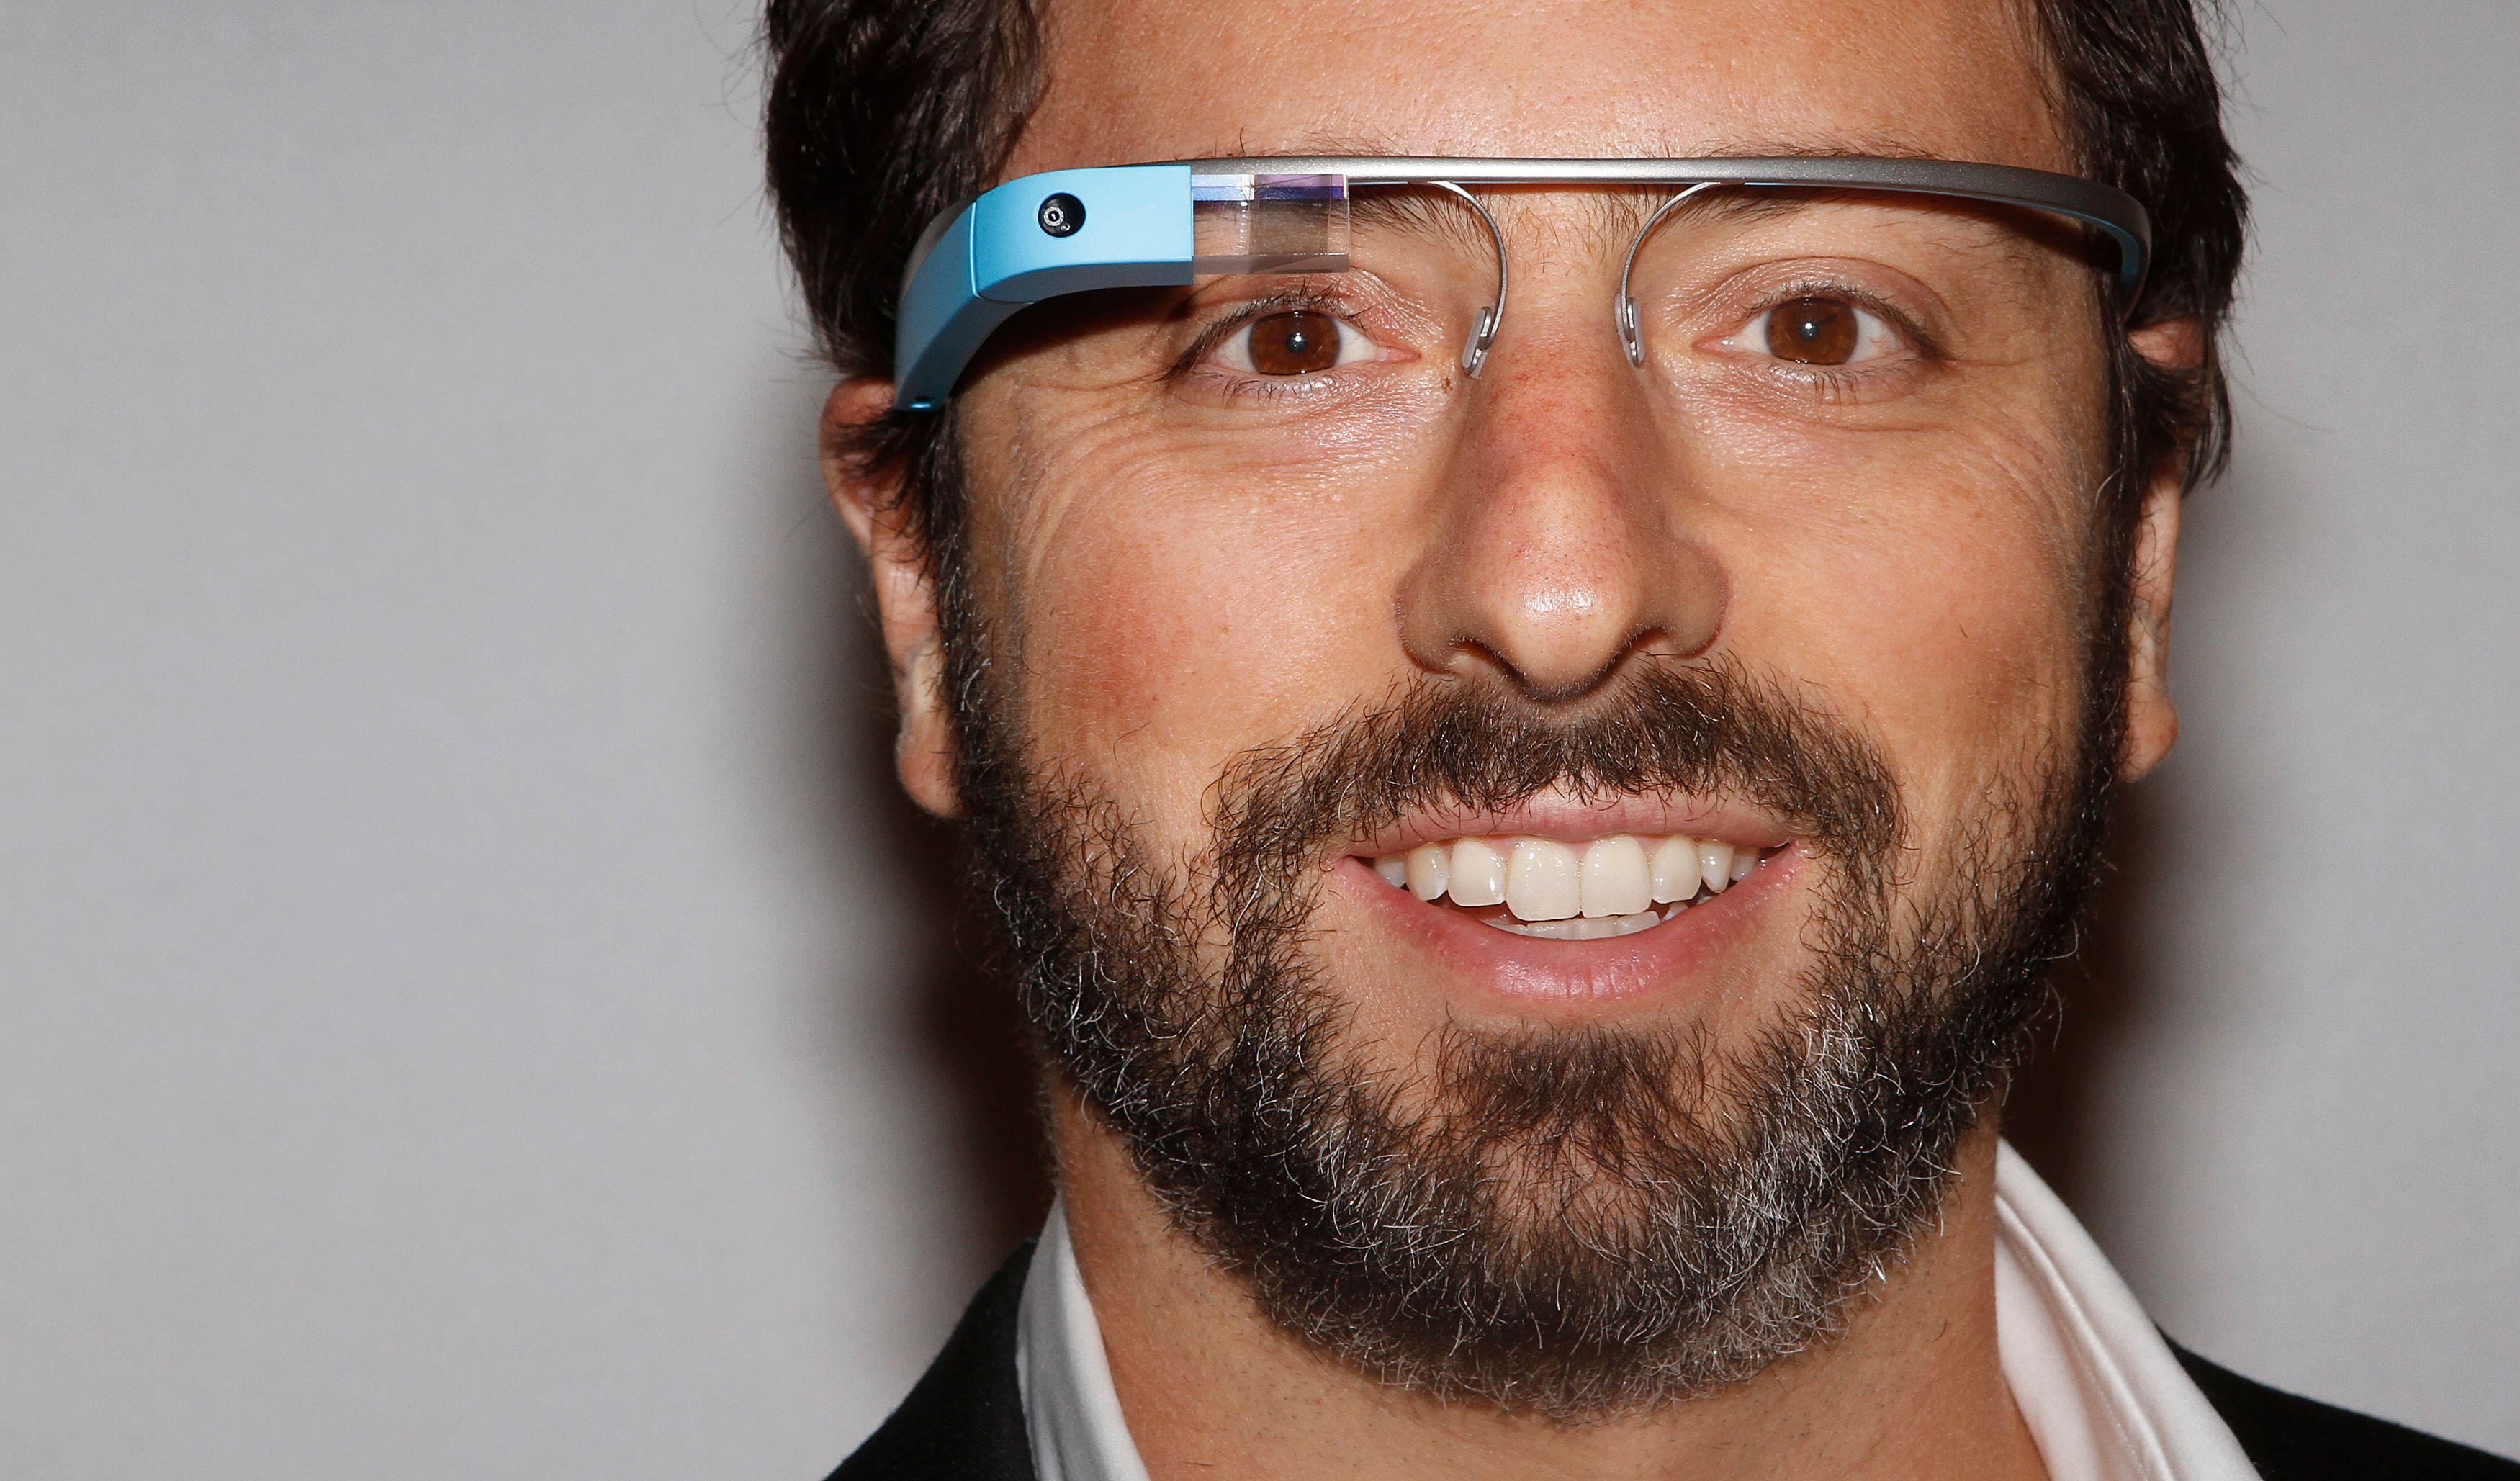 Google Glass : un chirurgien opère avec les lunettes connectées